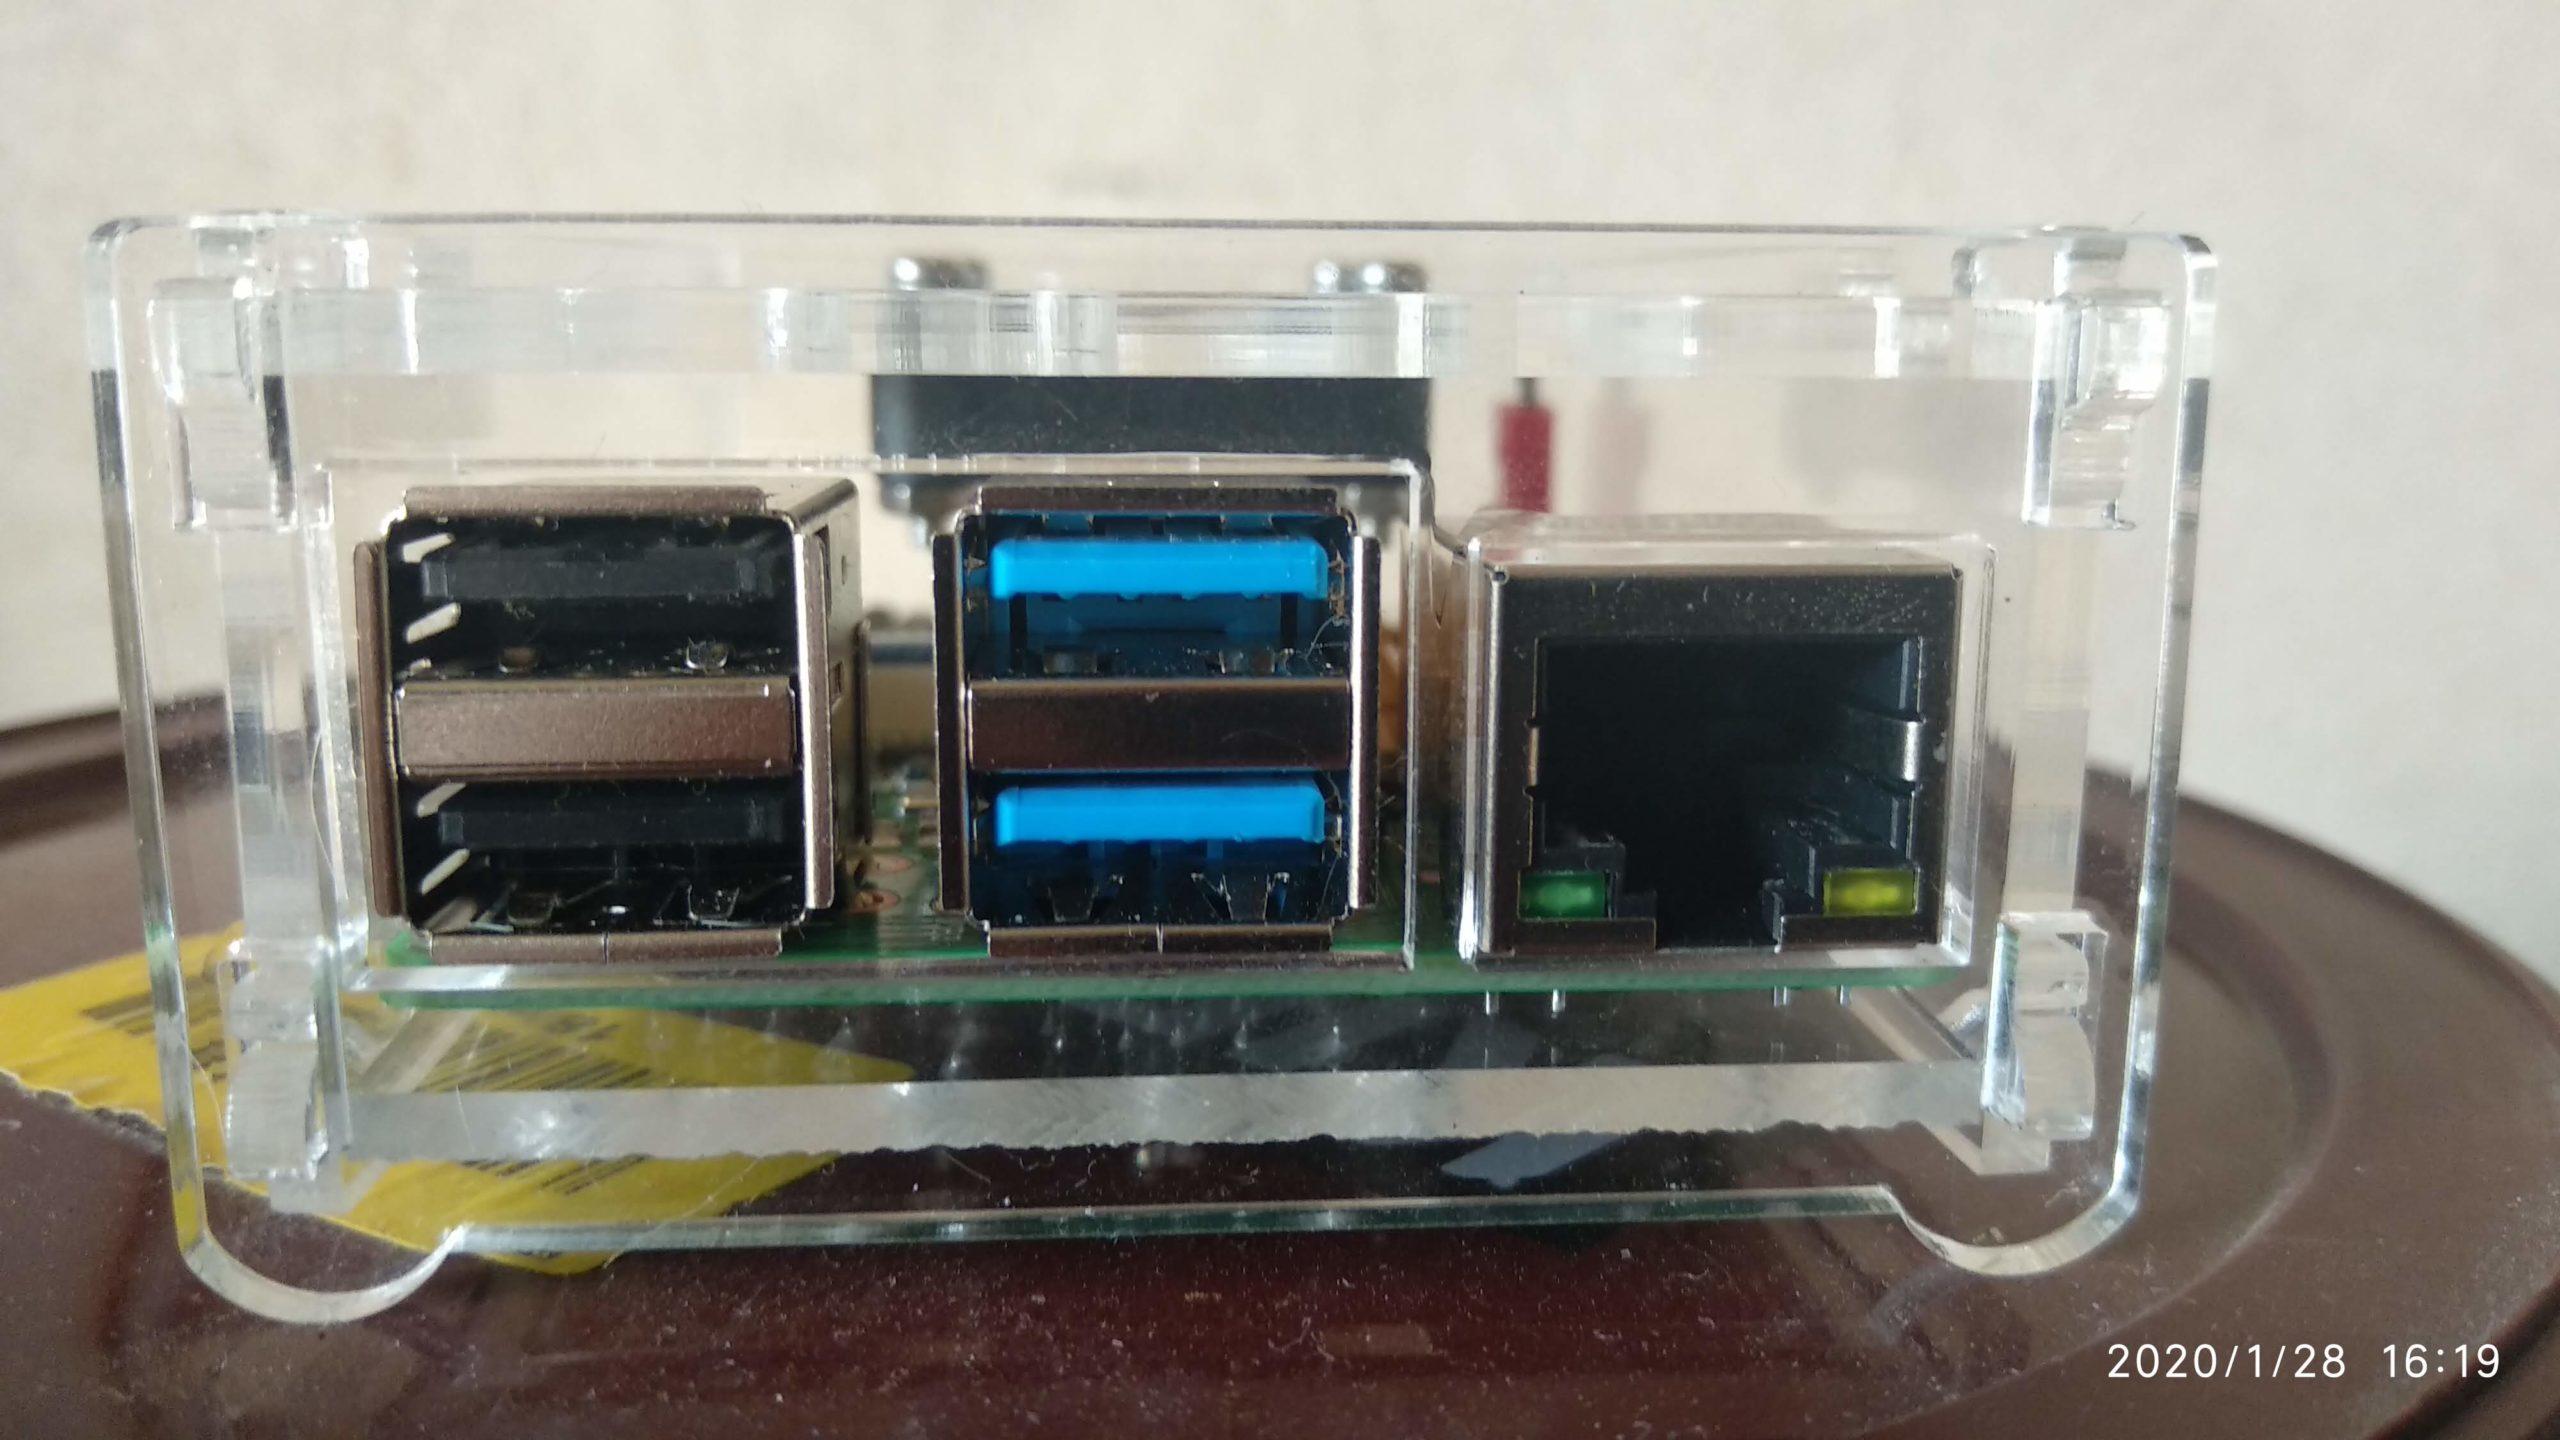 Puertos USB 2.0 y 3.0 además de Ethernet